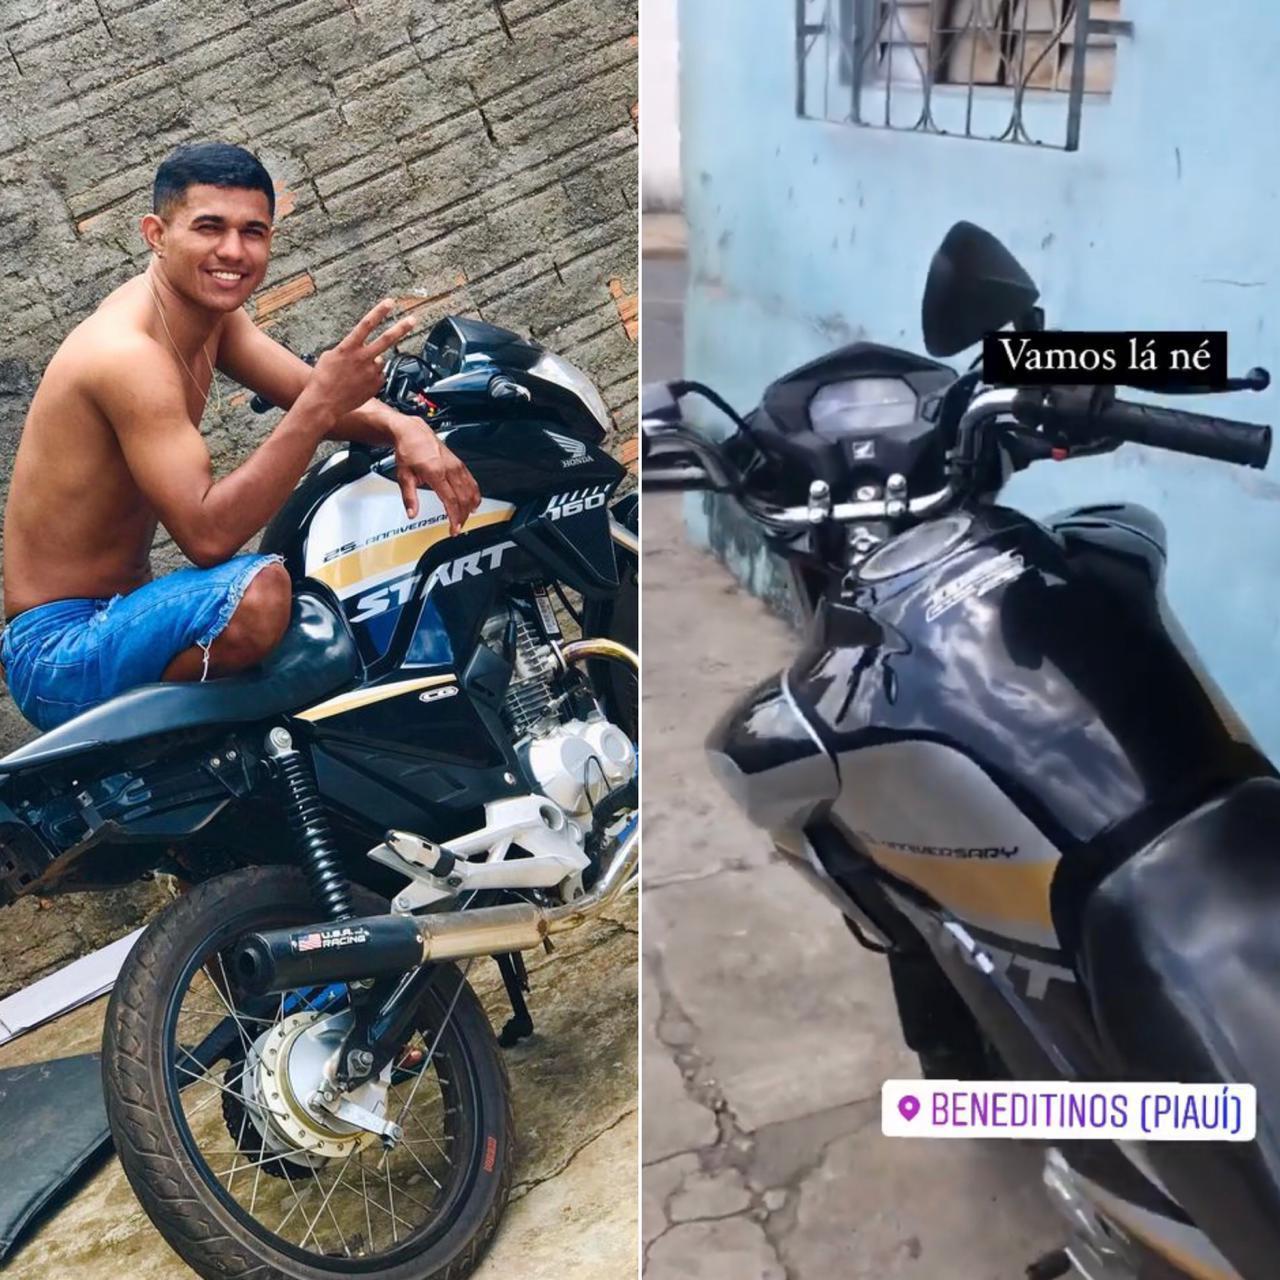 Jovem morre em acidente de motocicleta em Altos